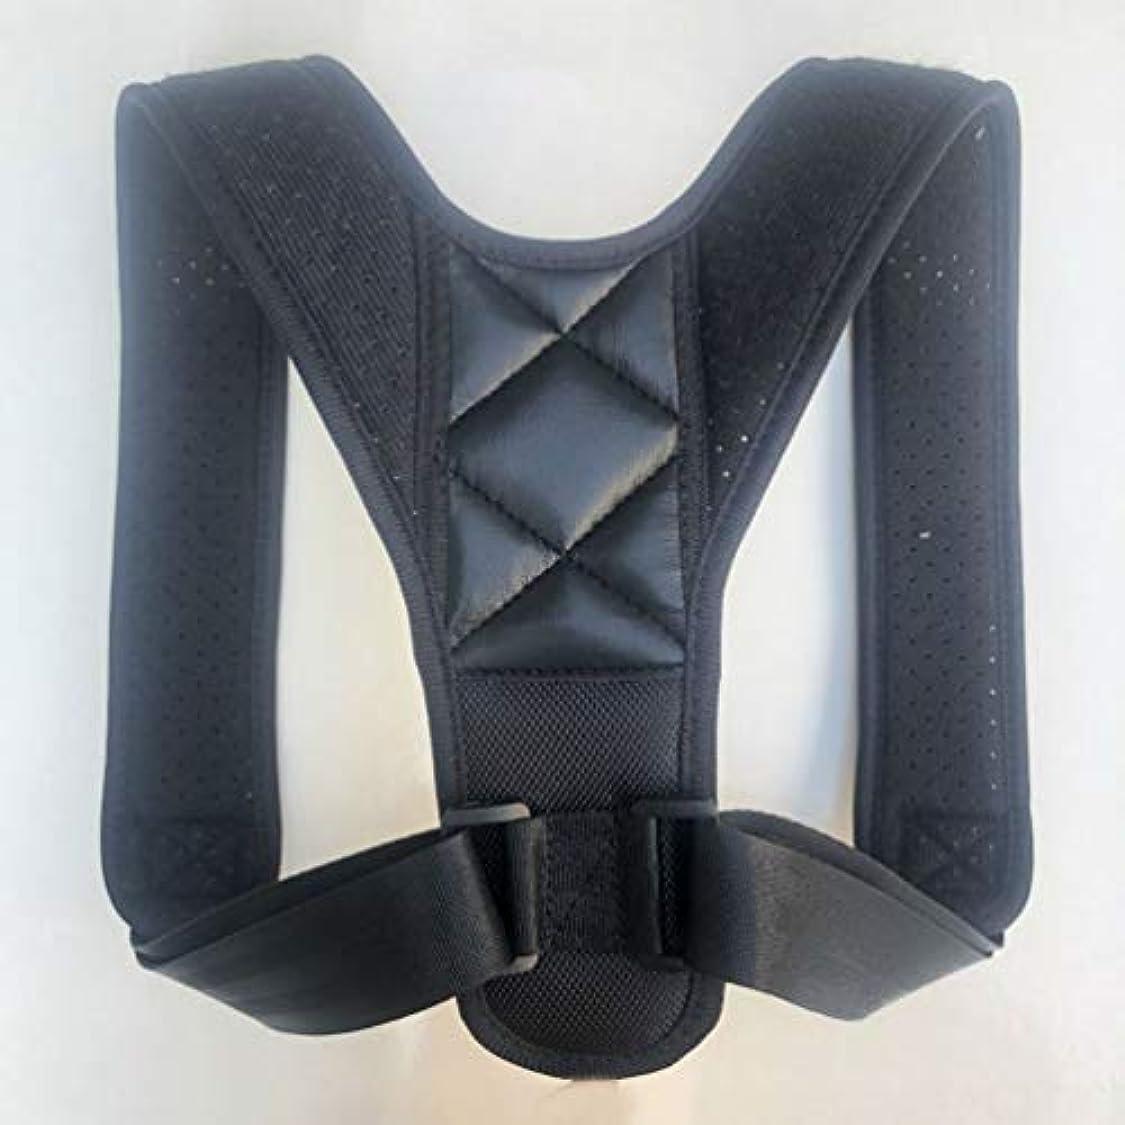 鉱石早い命令的アッパーバックポスチャーコレクター姿勢鎖骨サポートコレクターバックストレートショルダーブレースストラップコレクター - ブラック